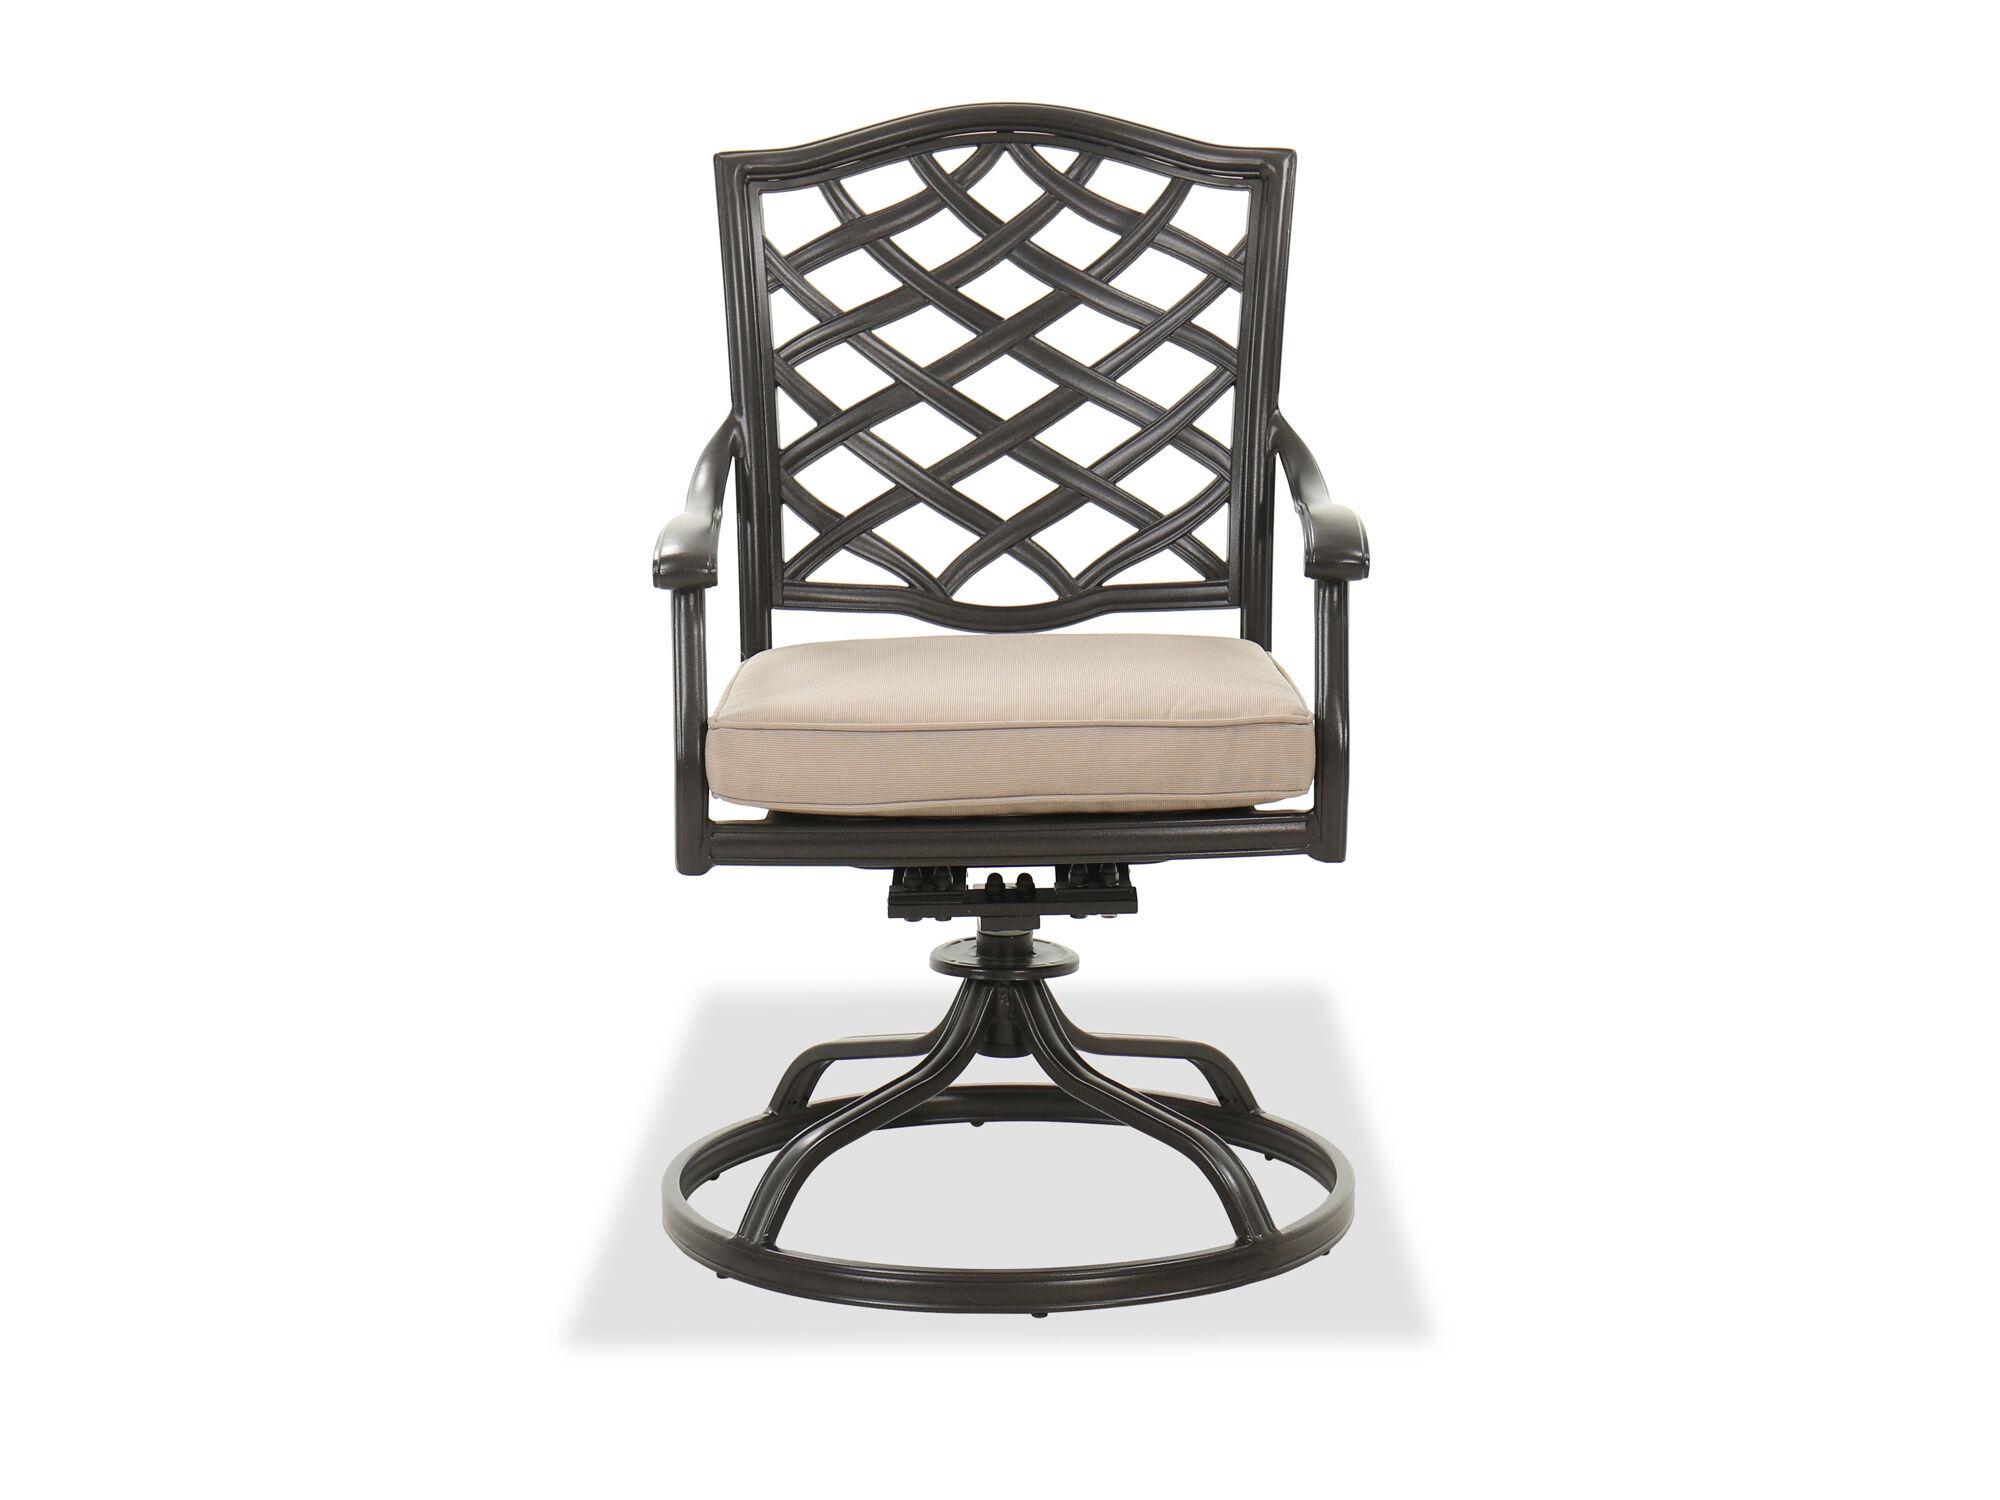 swivel rocker cast aluminum chair in